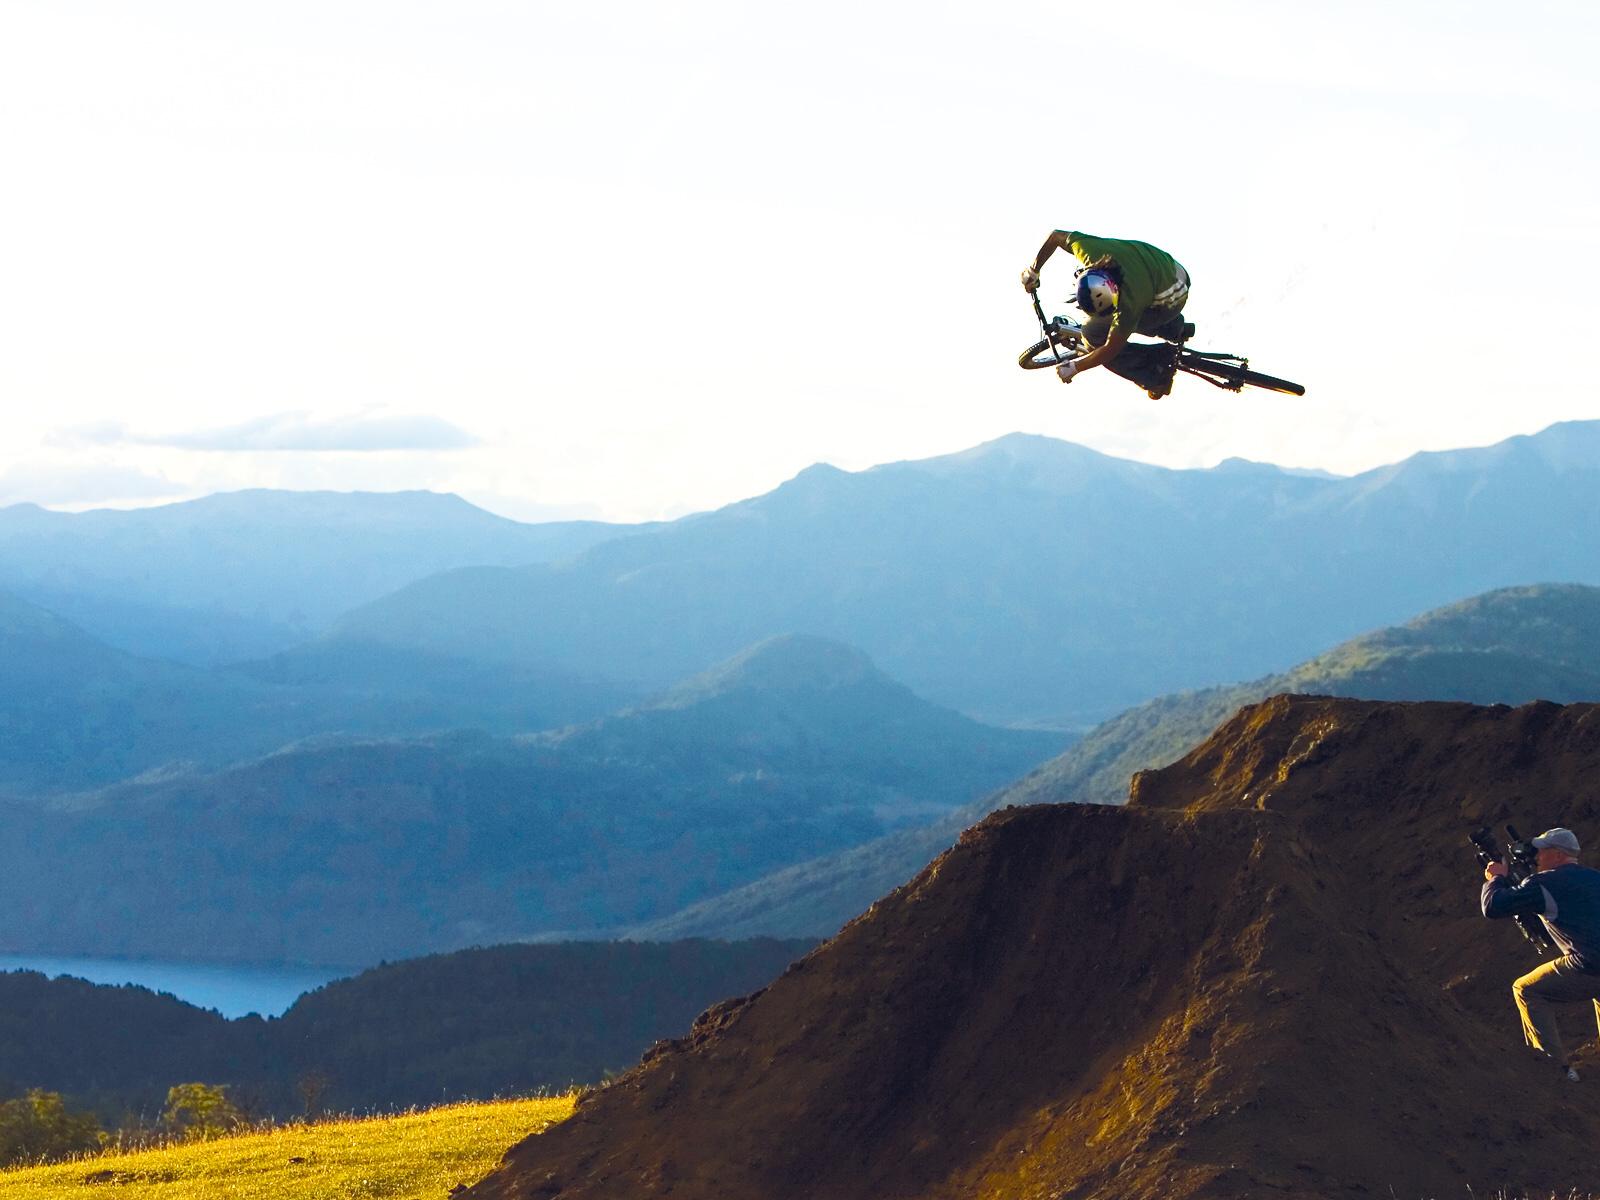 http://2.bp.blogspot.com/-8WkXVOni064/TkLh4lNUBPI/AAAAAAAABqk/qohdL6jtNuQ/s1600/mountain+Biking.jpg